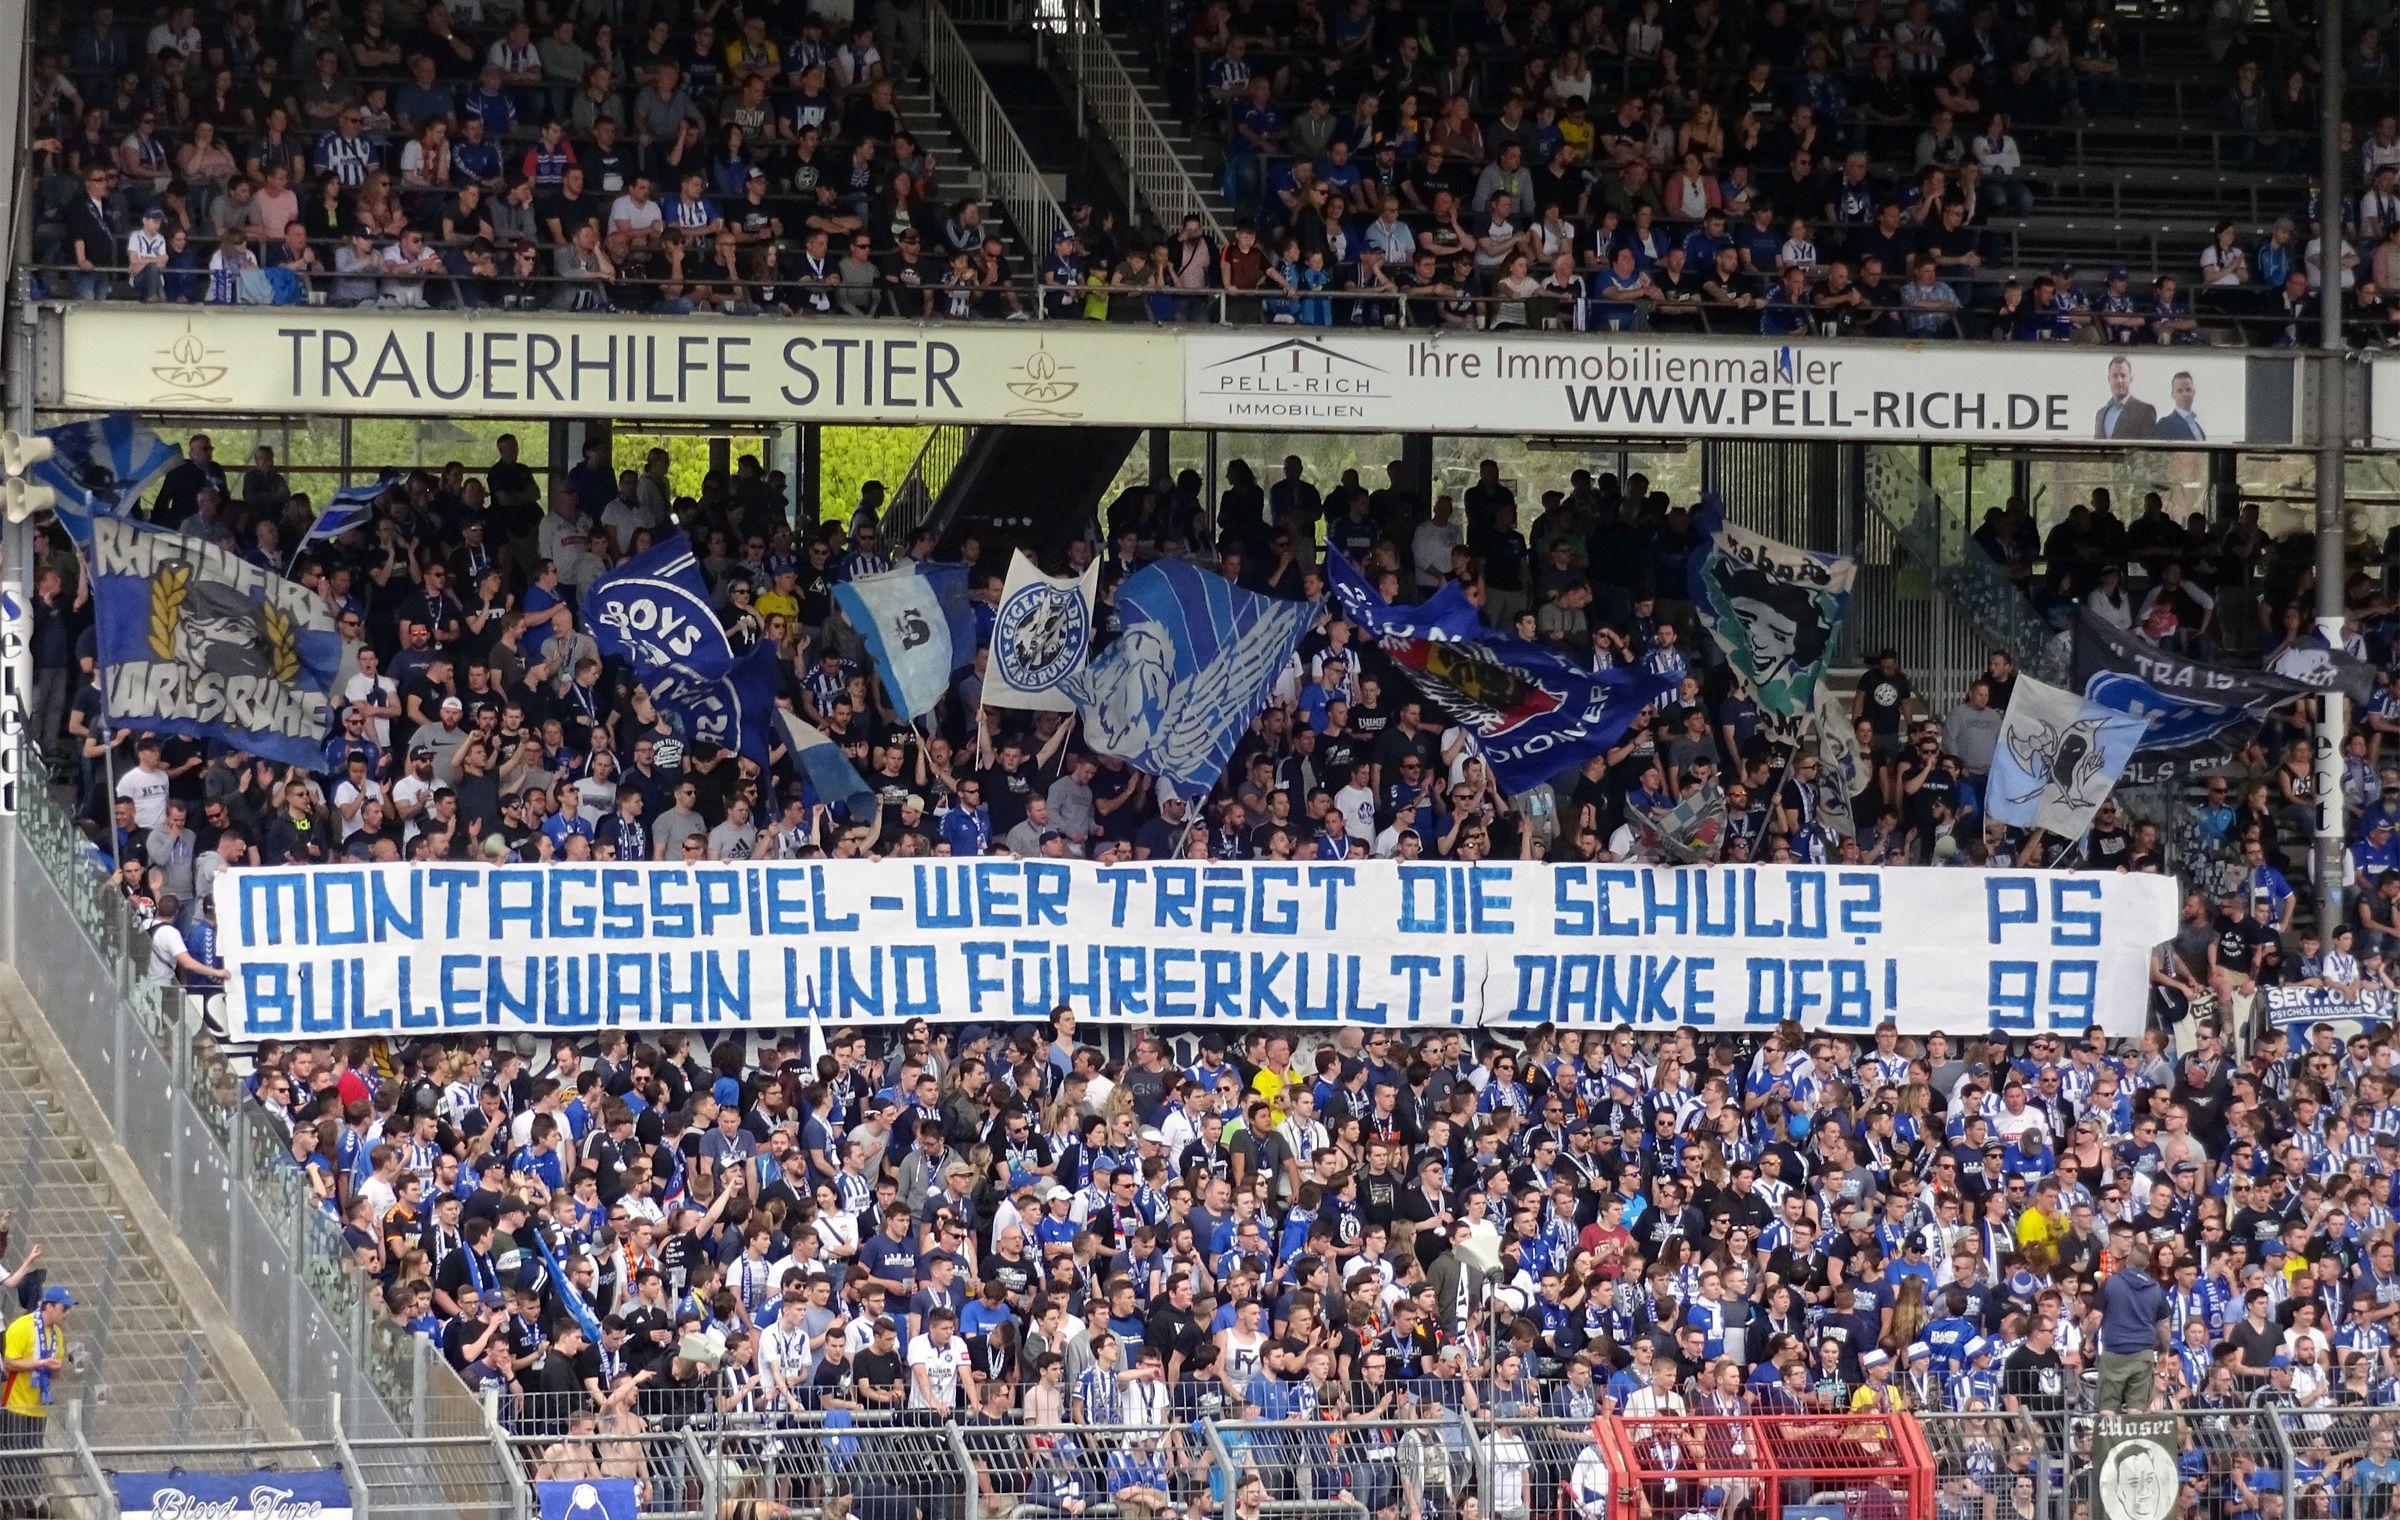 Montagsspiel in Zwickau mögen sie nicht…